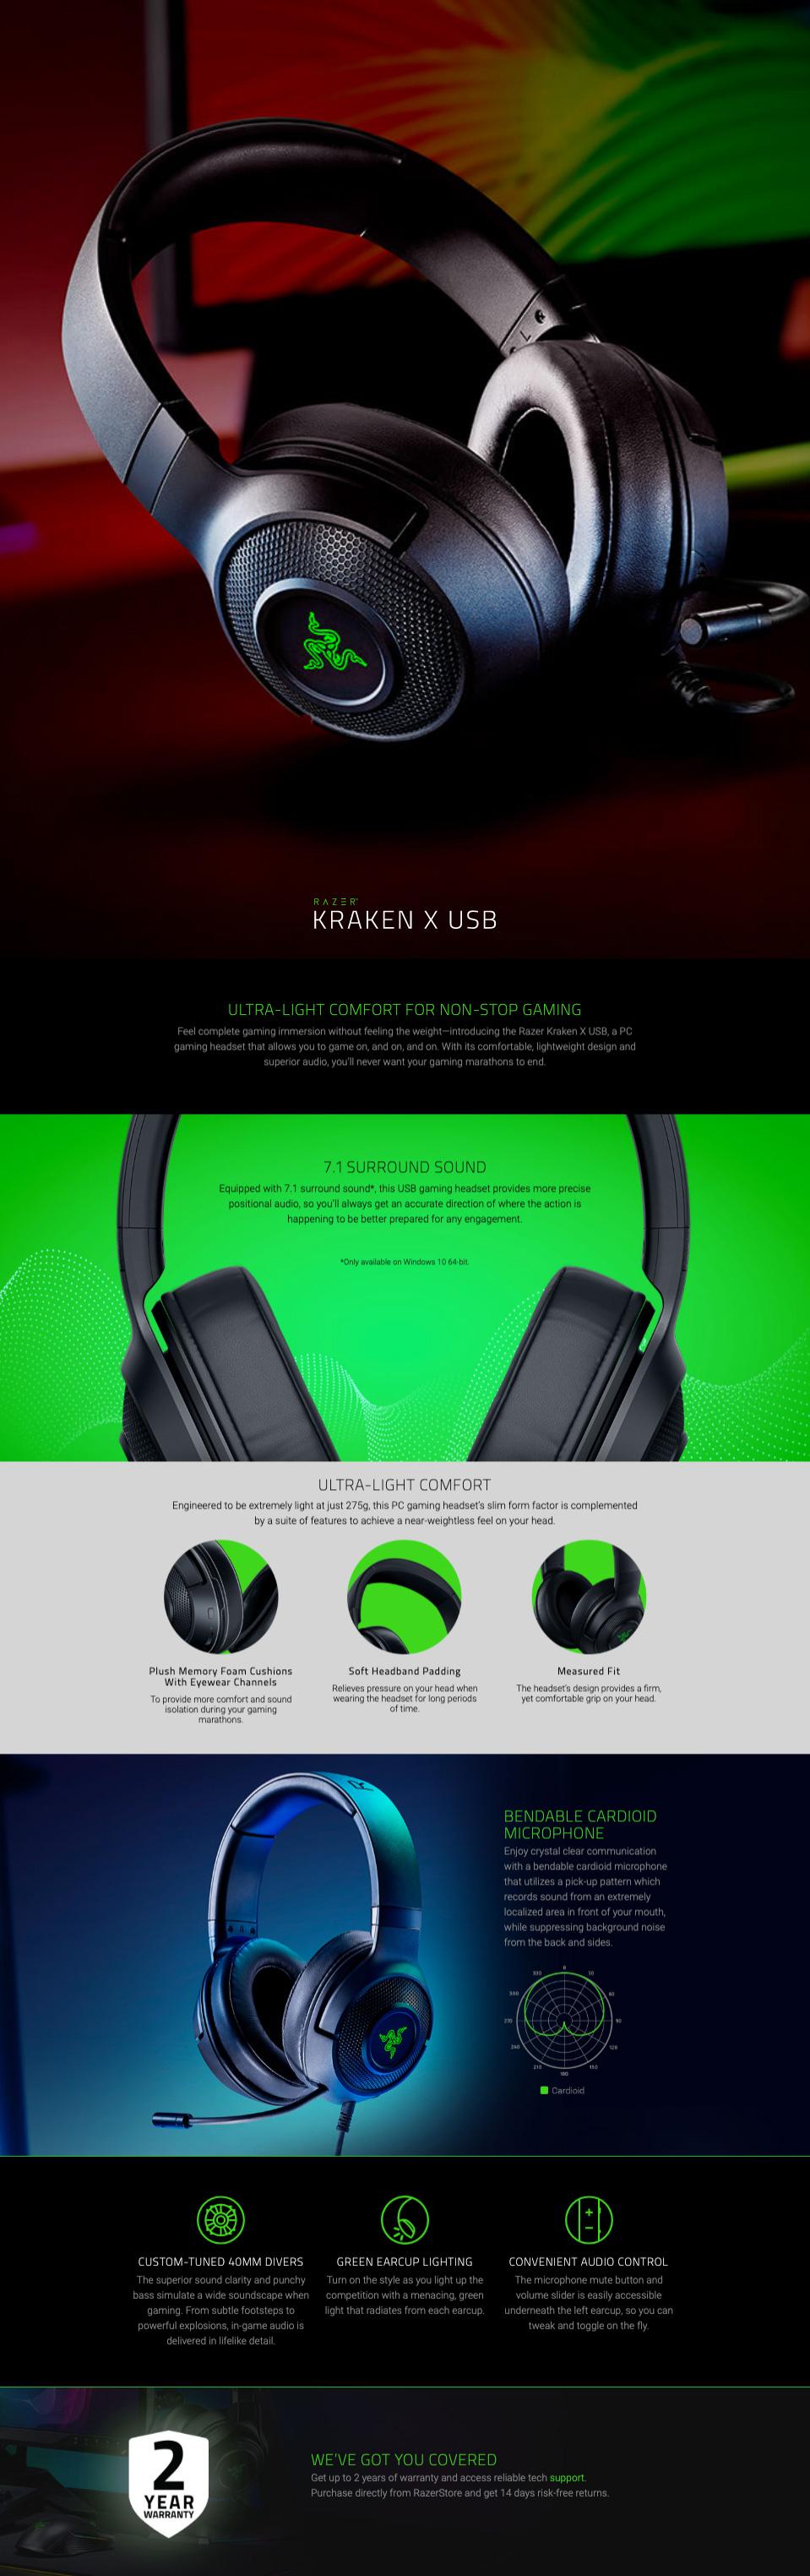 Razer Kraken X USB Gaming Headset features